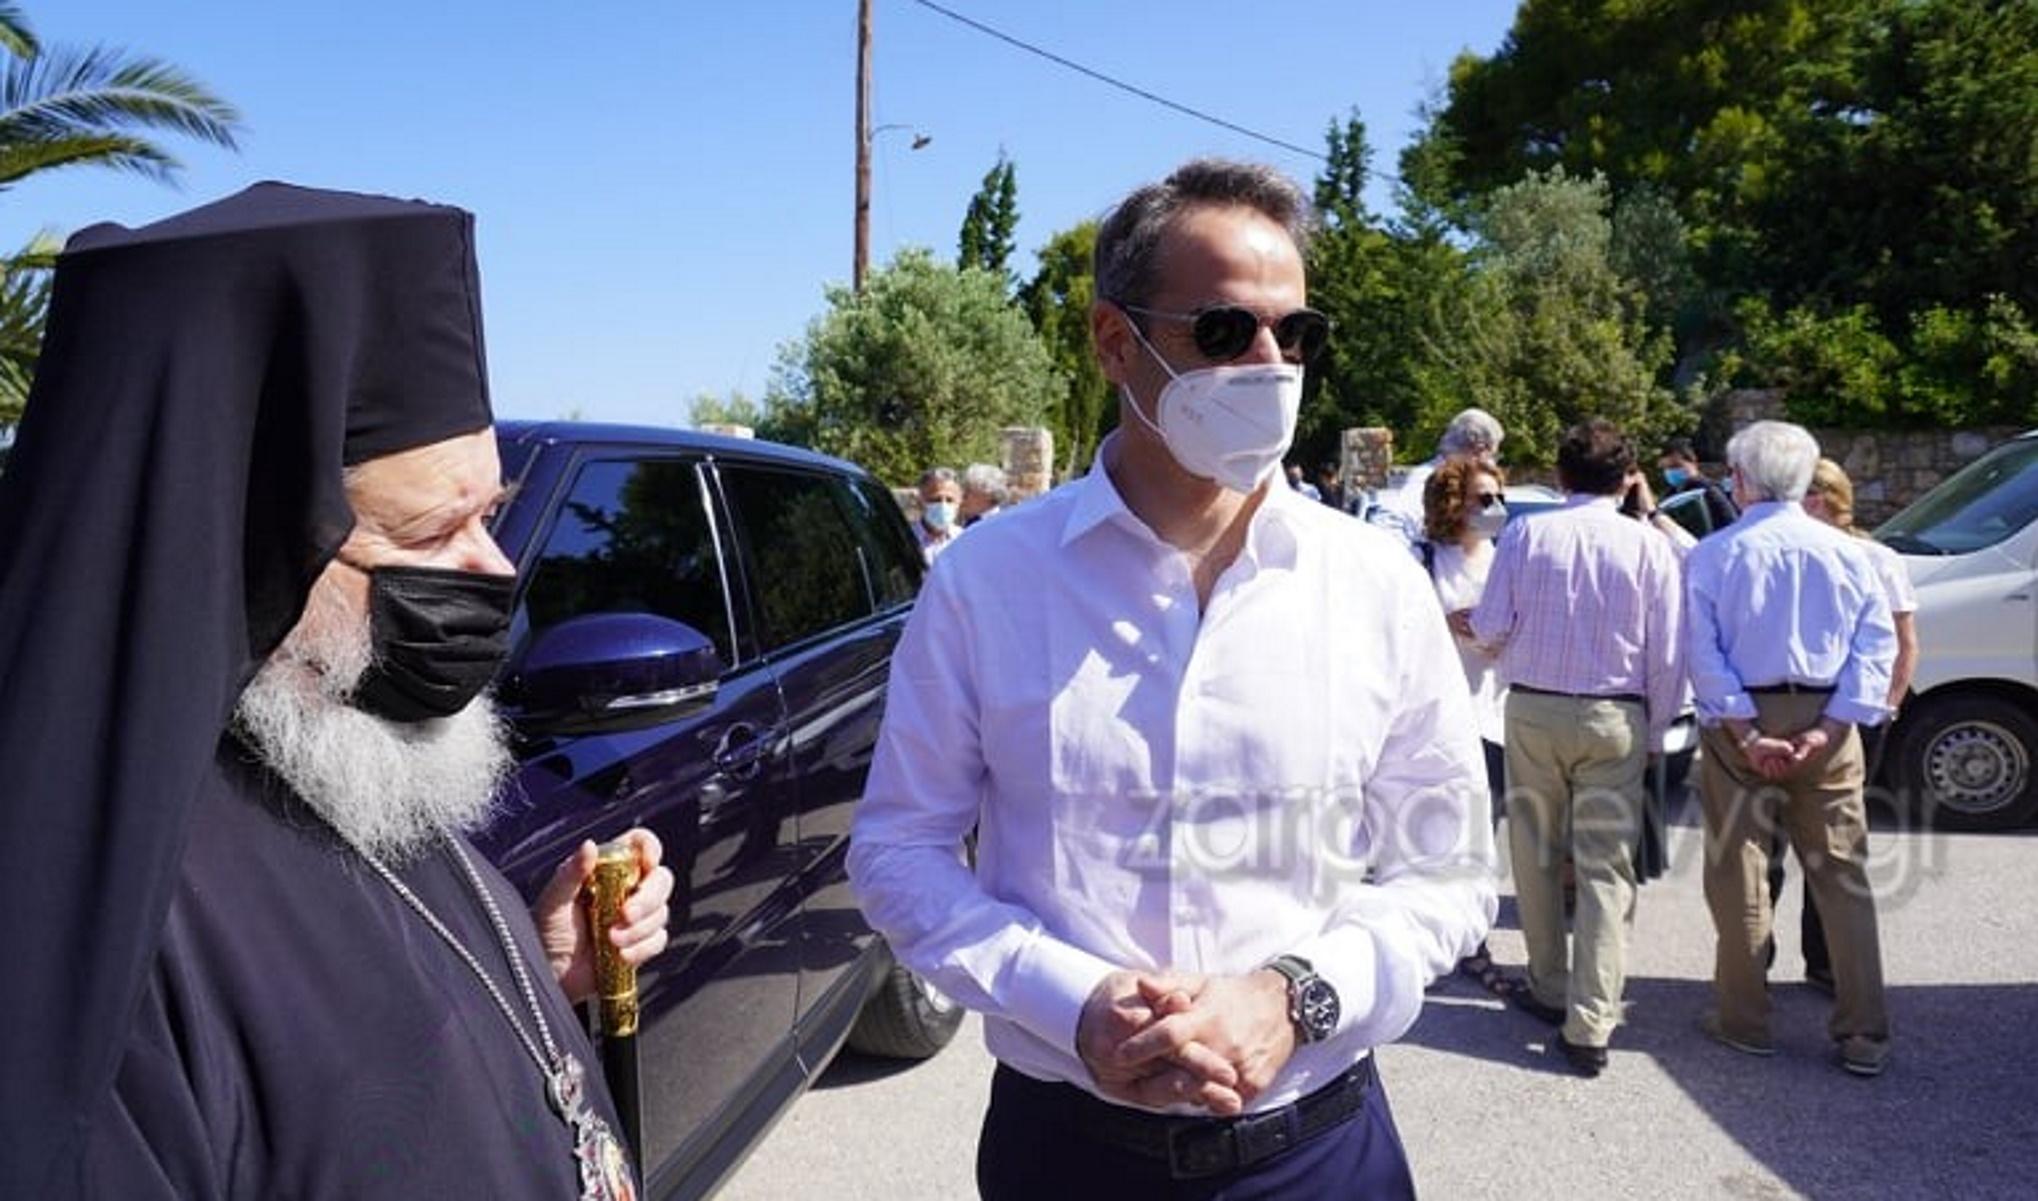 Χανιά: Παρουσία του Πρωθυπουργού το μνημόσυνο για τα τέσσερα χρόνια από τον θάνατο του Κωνσταντίνου Μητσοτάκη (pics, vid)